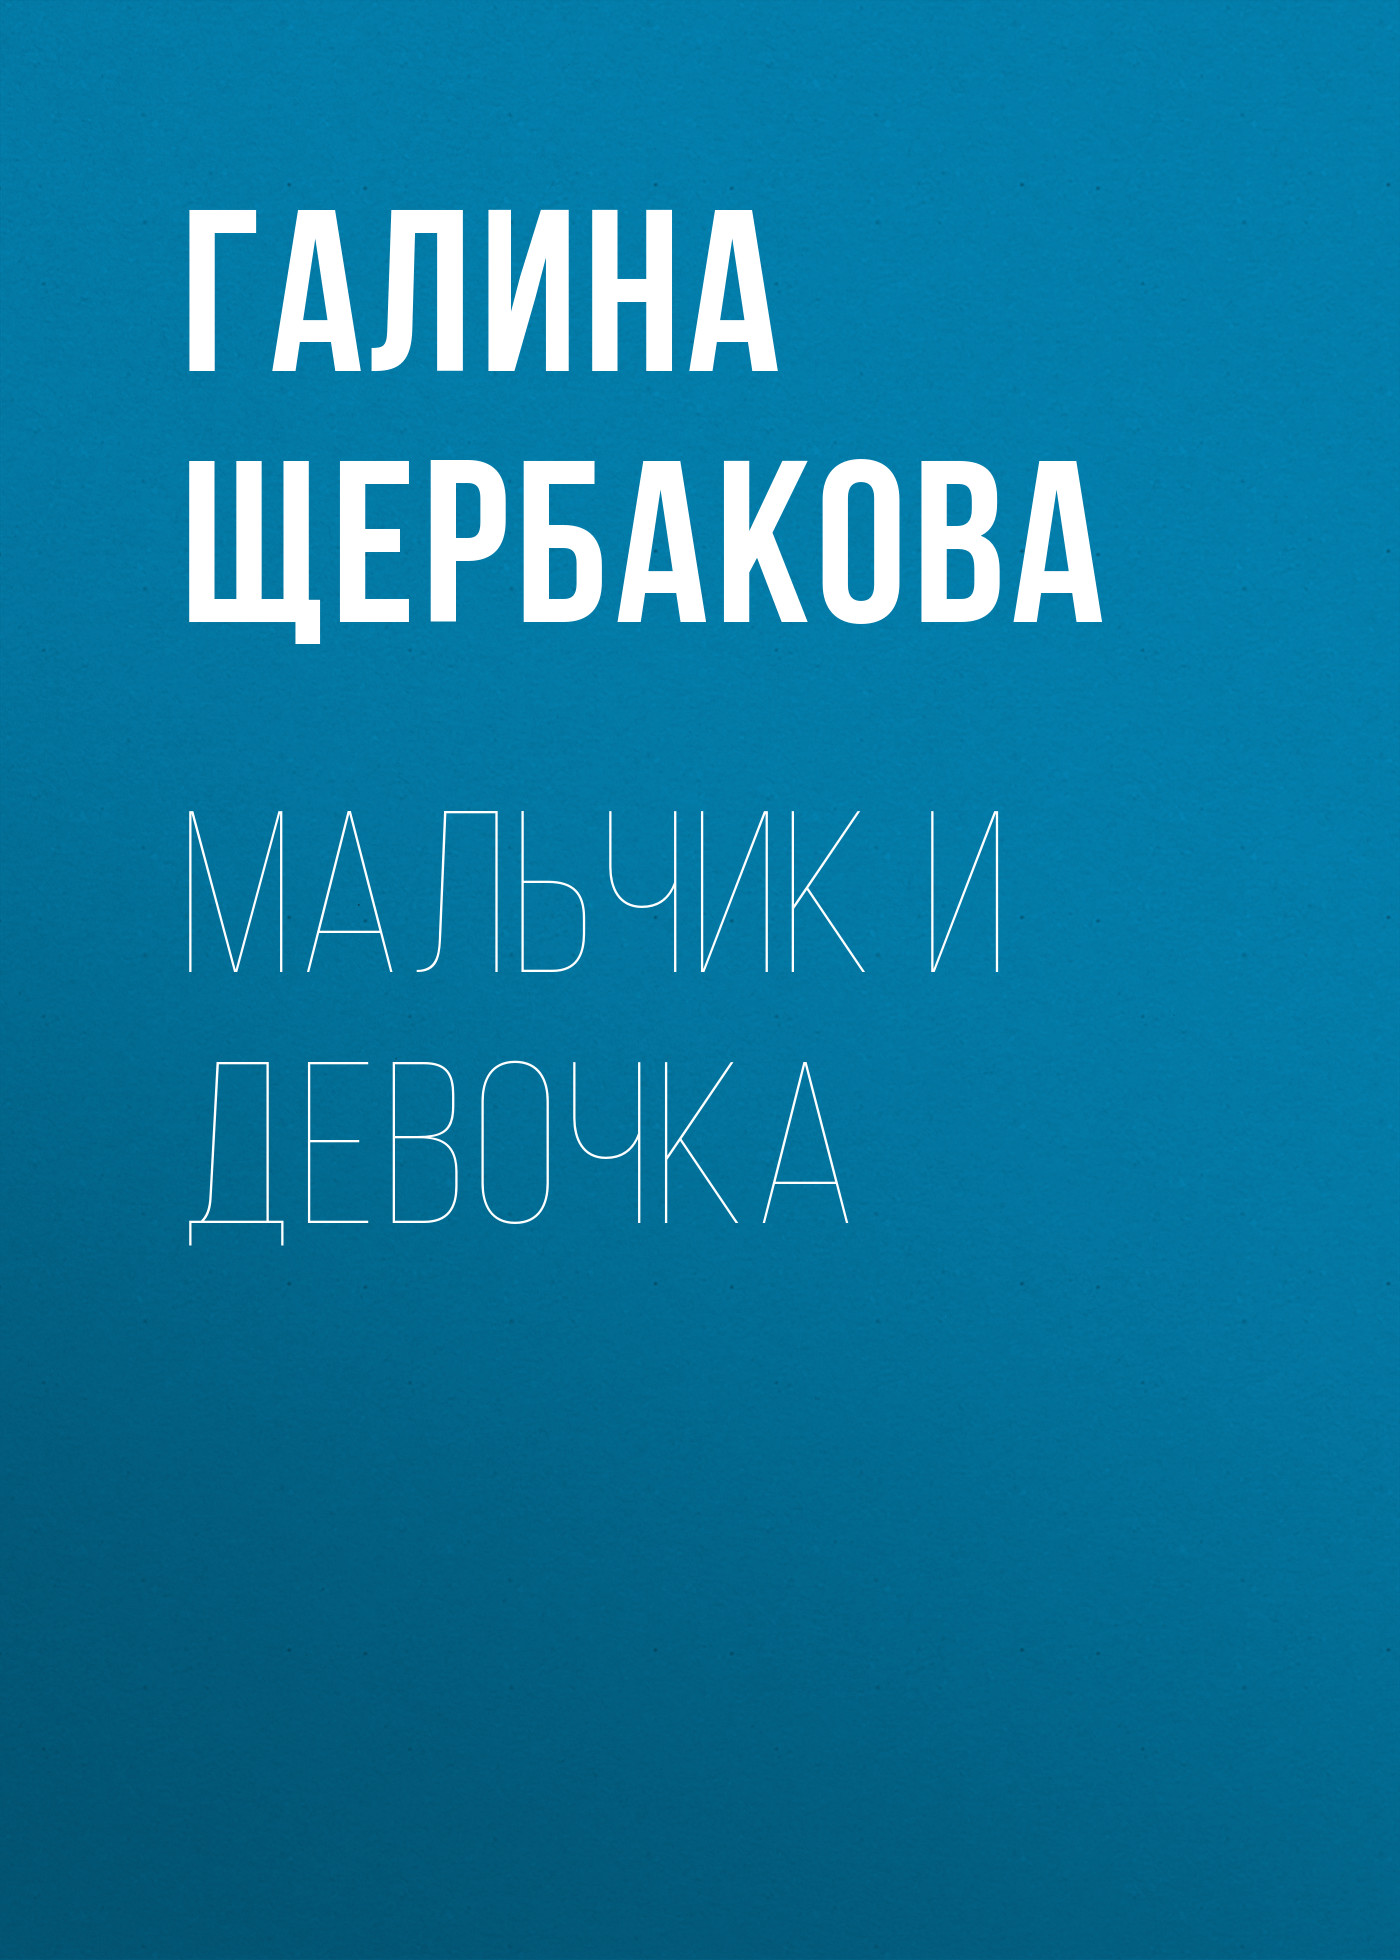 набор фонариков полянка метель листопад 124005 Галина Щербакова Мальчик и девочка